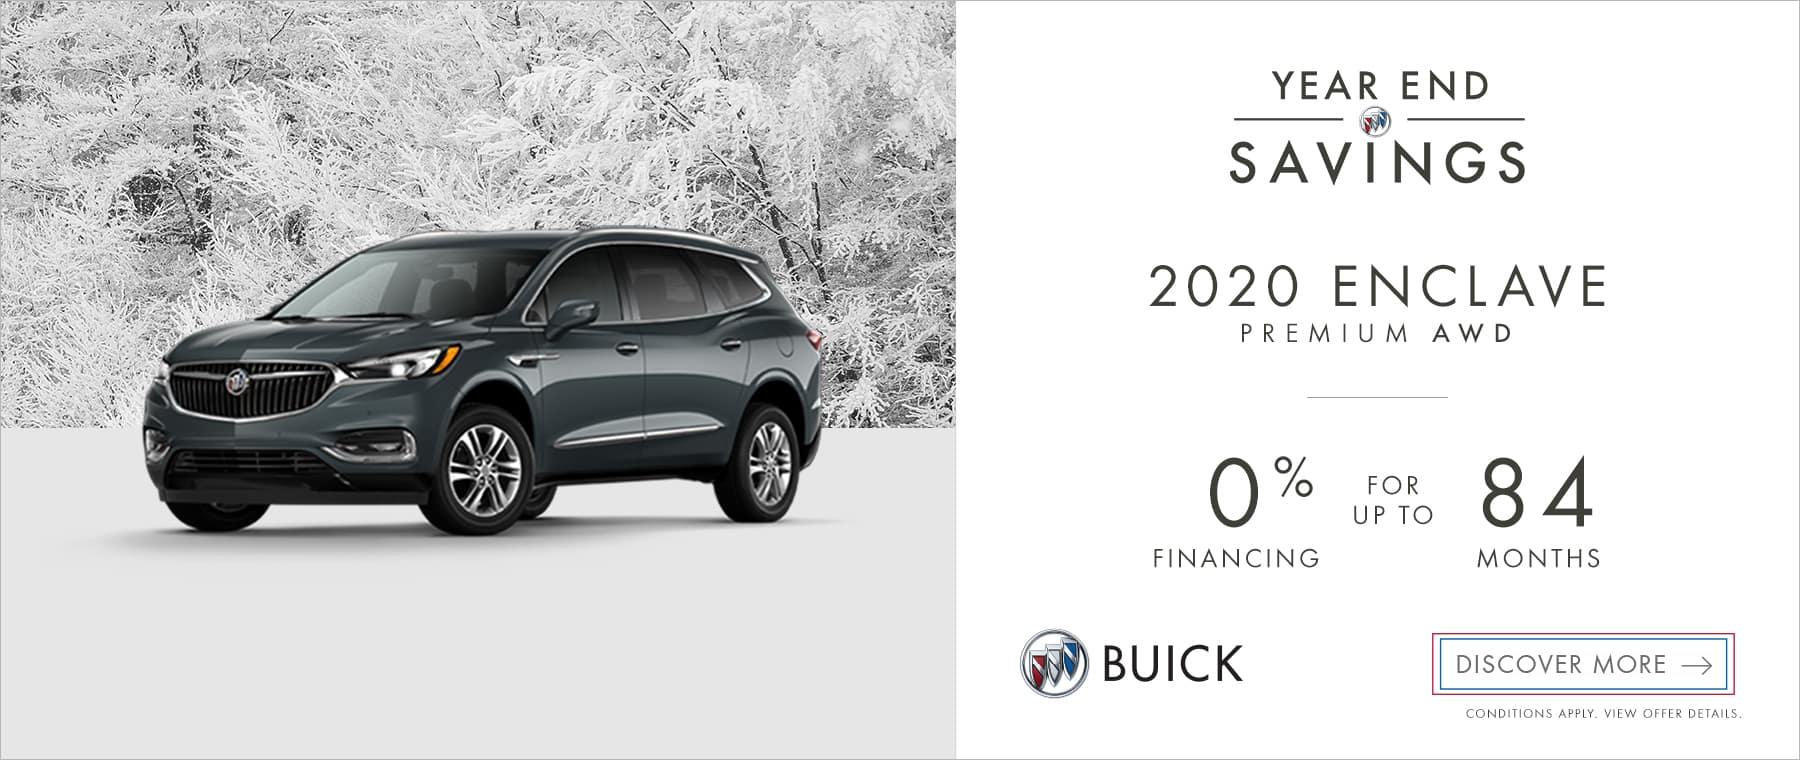 2020_DEC_WST_Buick_T3_1800X760_MULTI